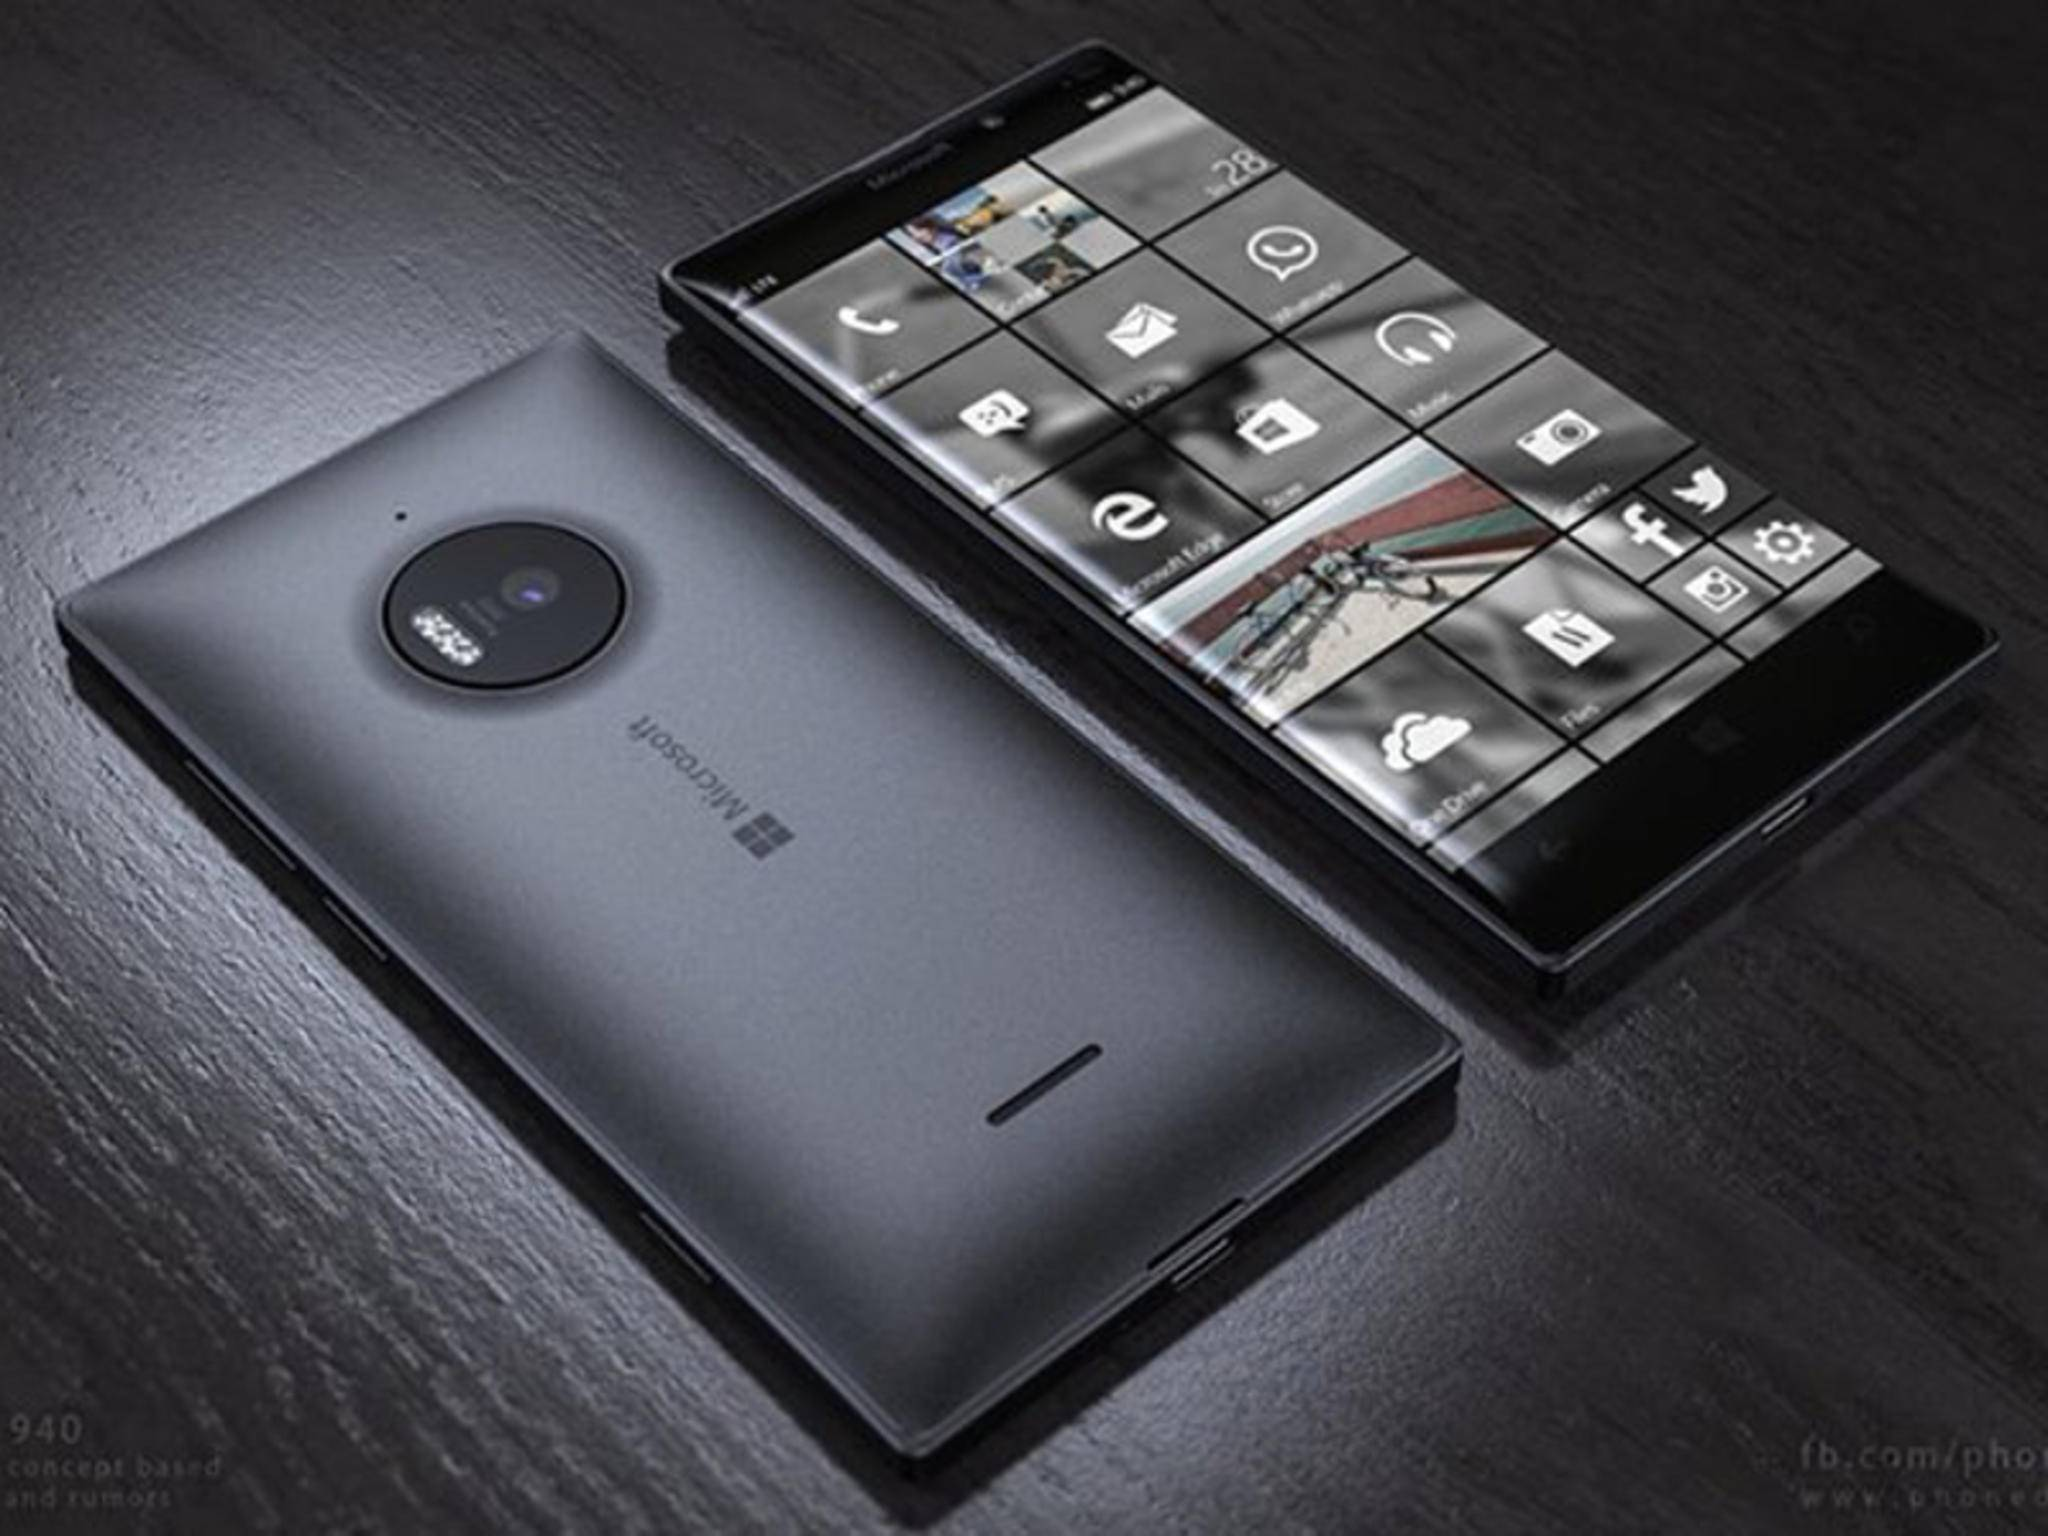 Stellt Microsoft seine Smartphones Lumia 940 und 940 XL am 19. Oktober auf einem Event vor?